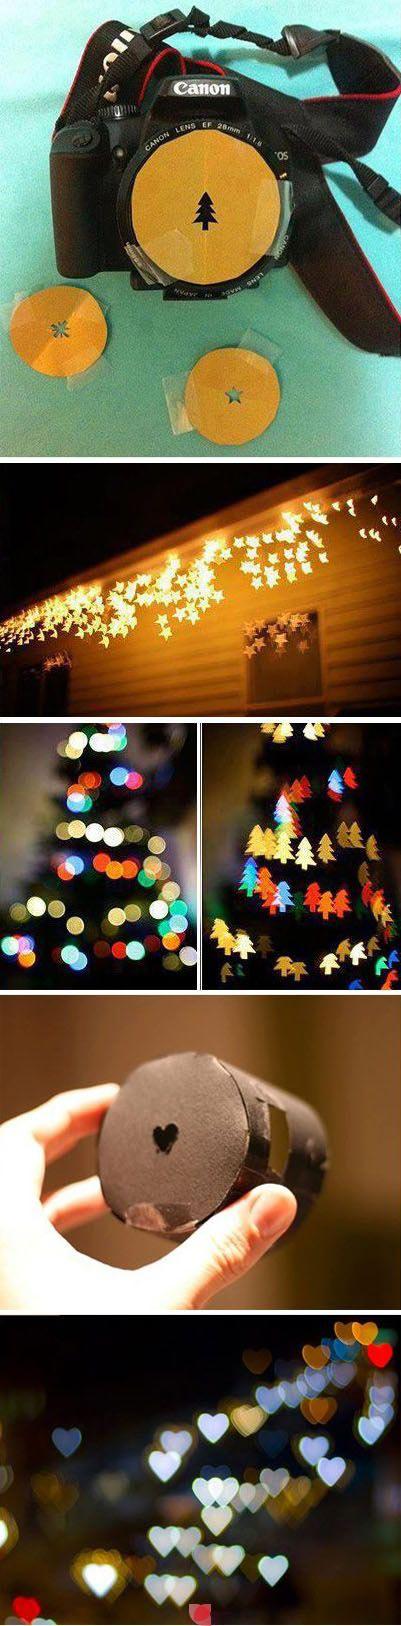 weihnachtliche fotos einfach selbst machen kotzendes einhorn. Black Bedroom Furniture Sets. Home Design Ideas